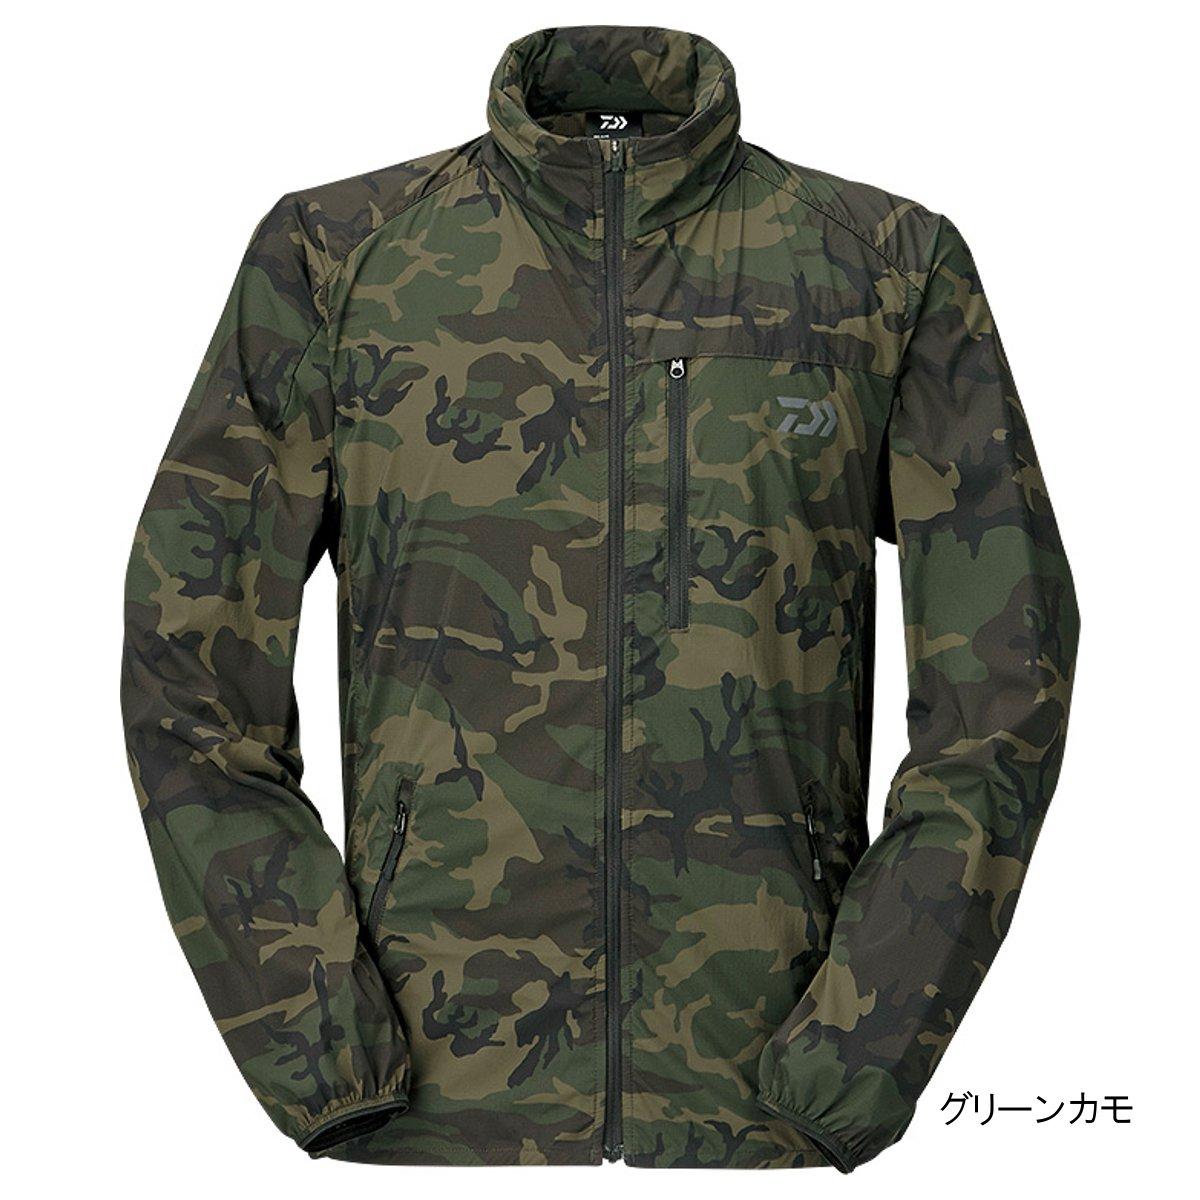 ダイワ ポケッタブルウィンドジャケット DJ-33009 2XL グリーンカモ【送料無料】